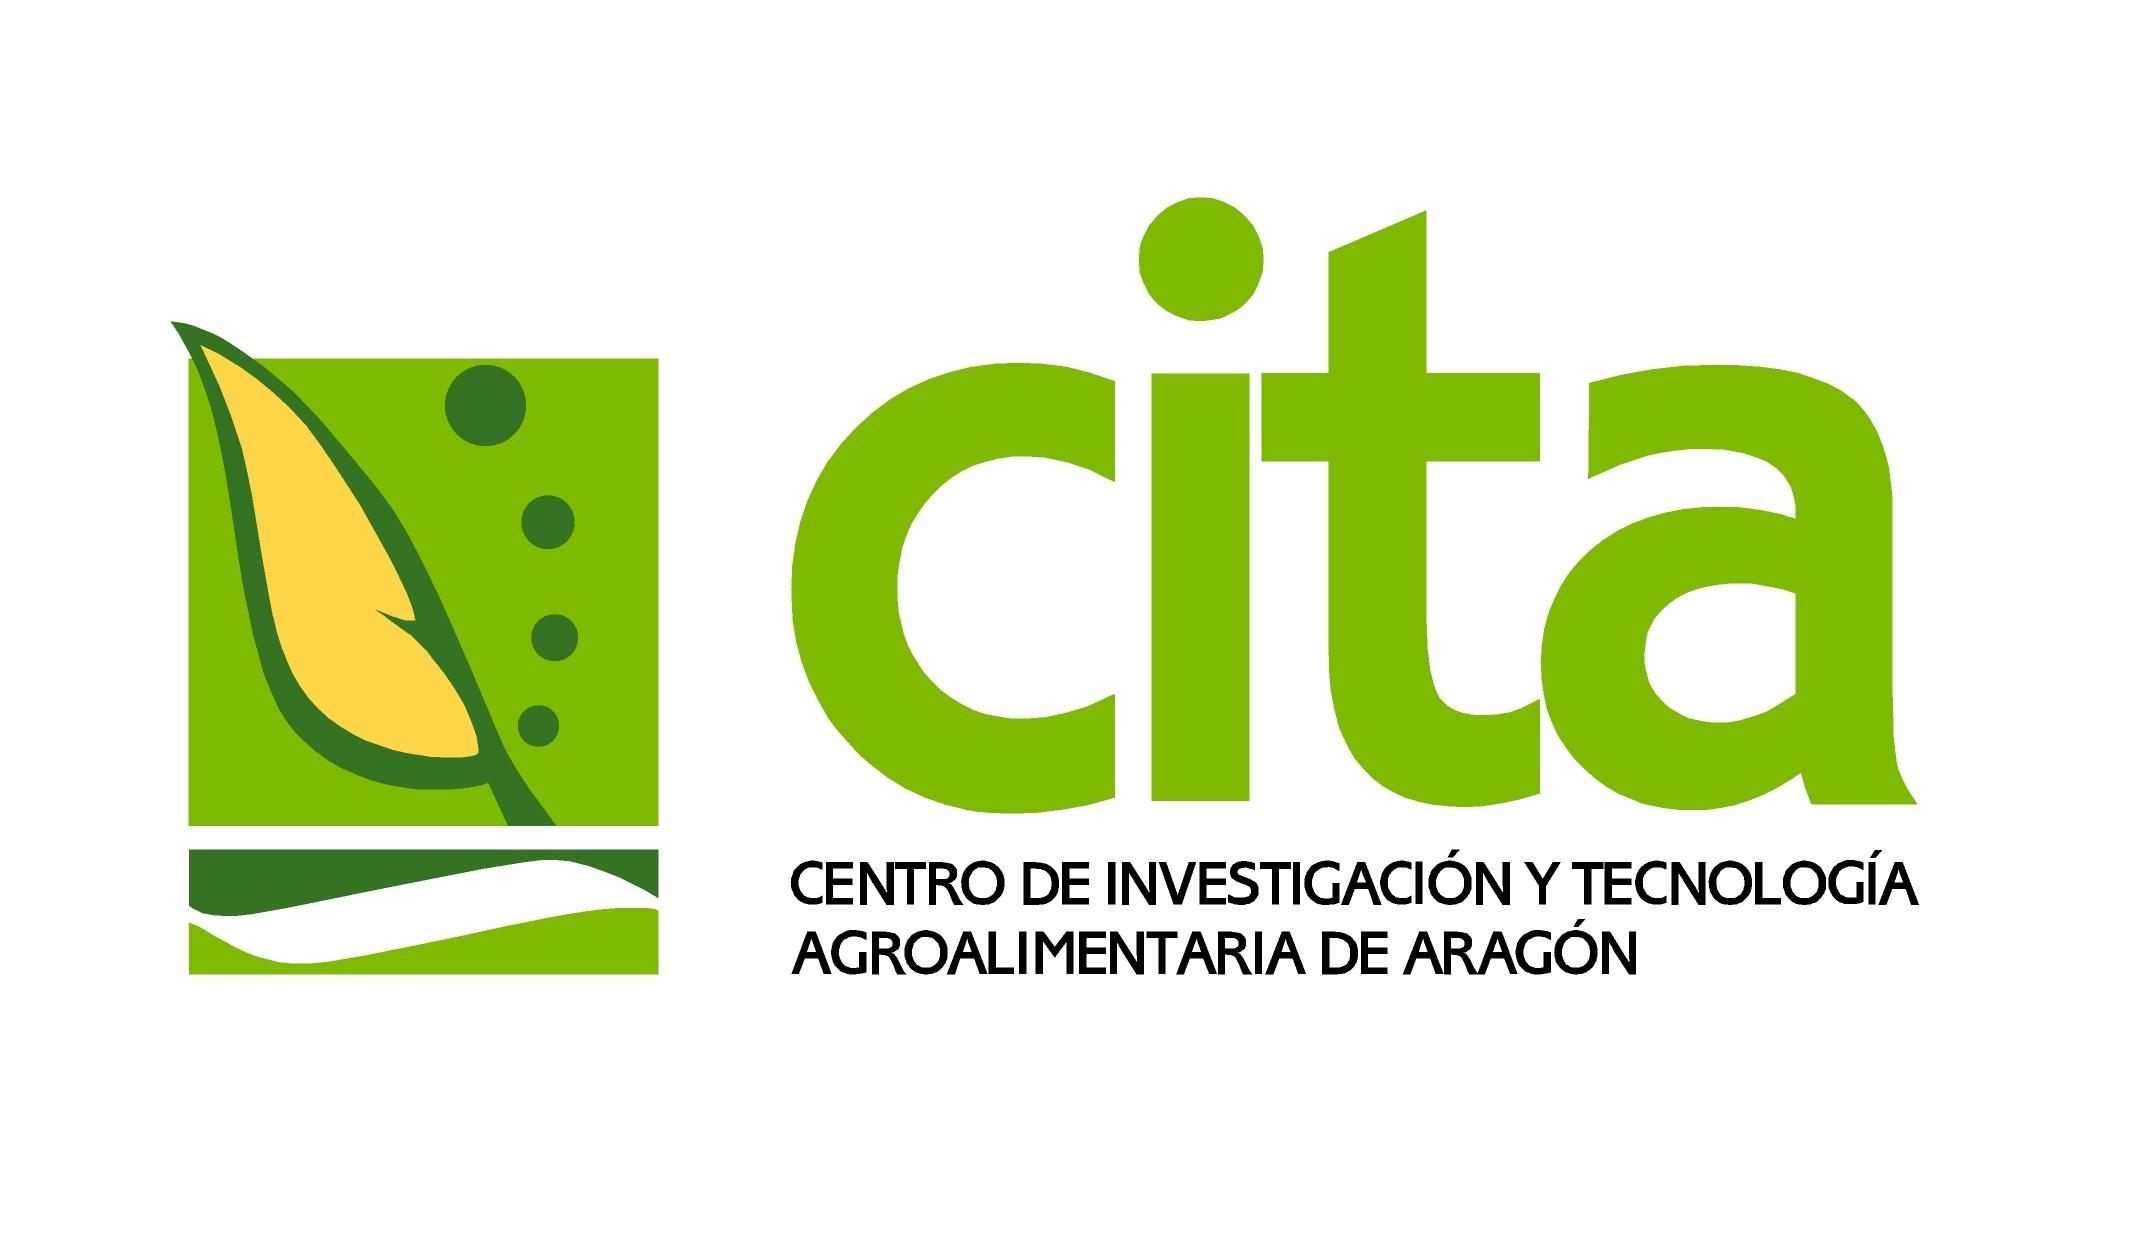 Centro de Formación y Tecnología Agroalimentaria de Aragón